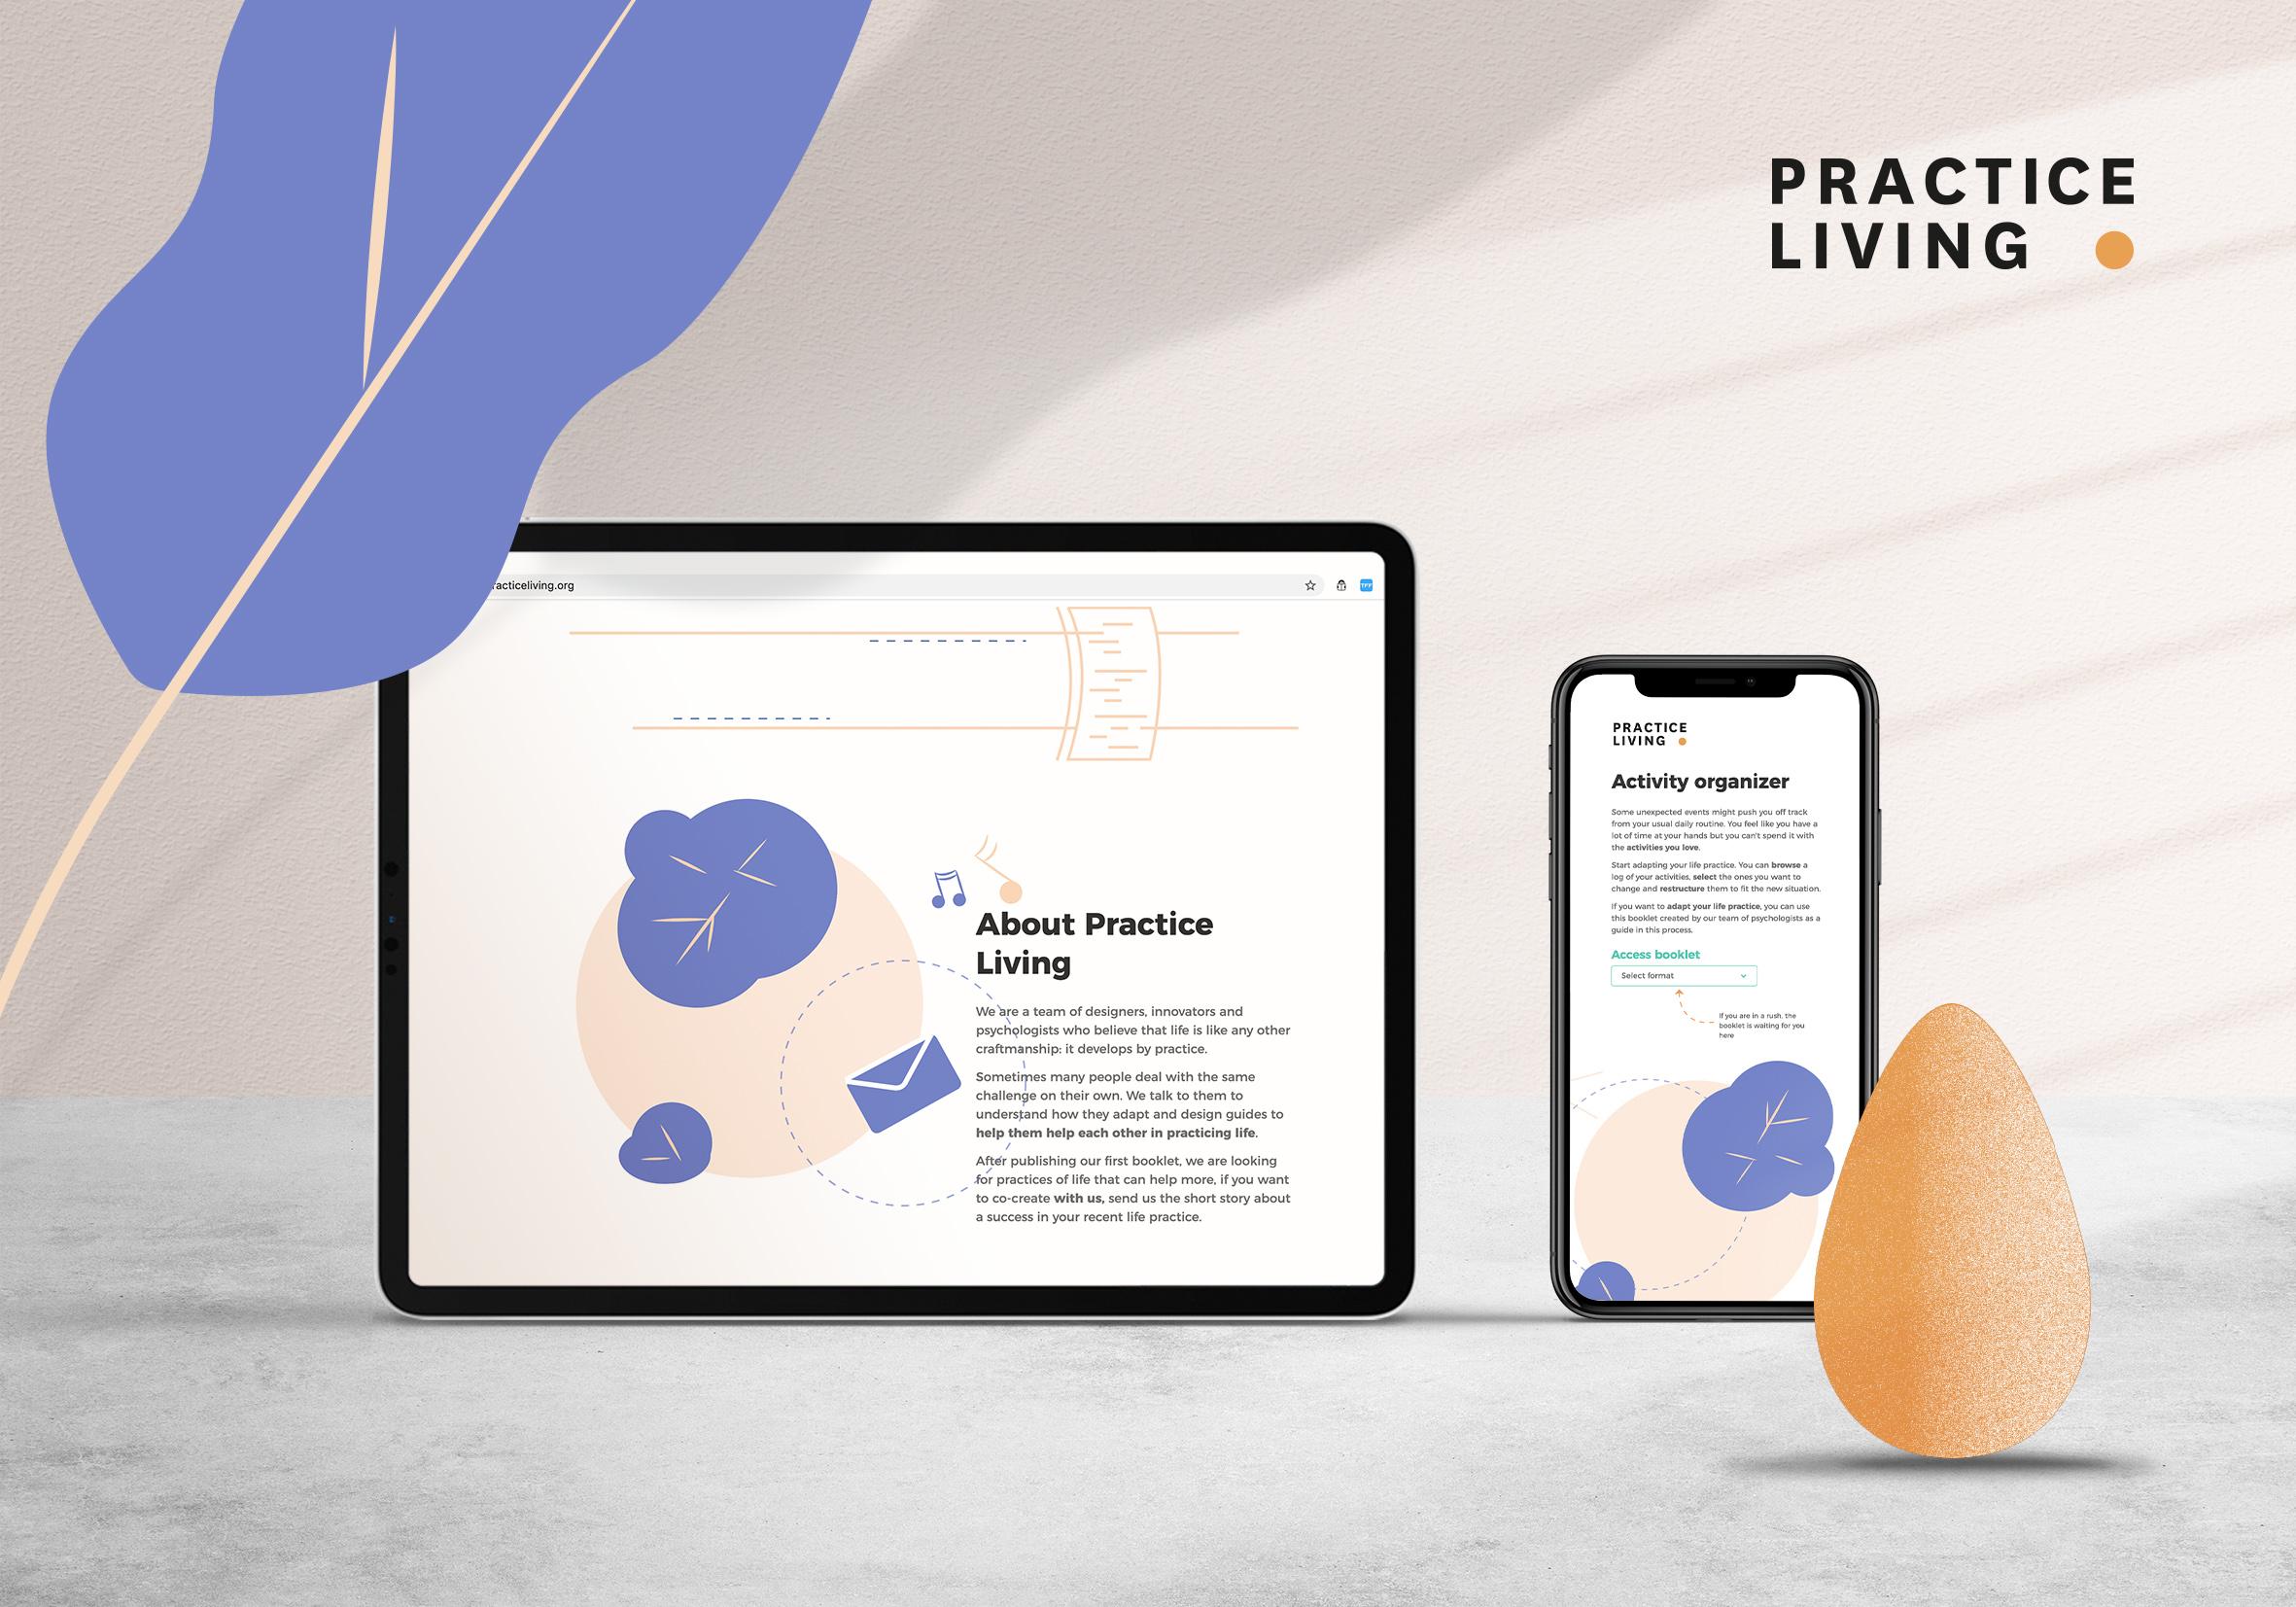 practice_living_kreativ10.jpg